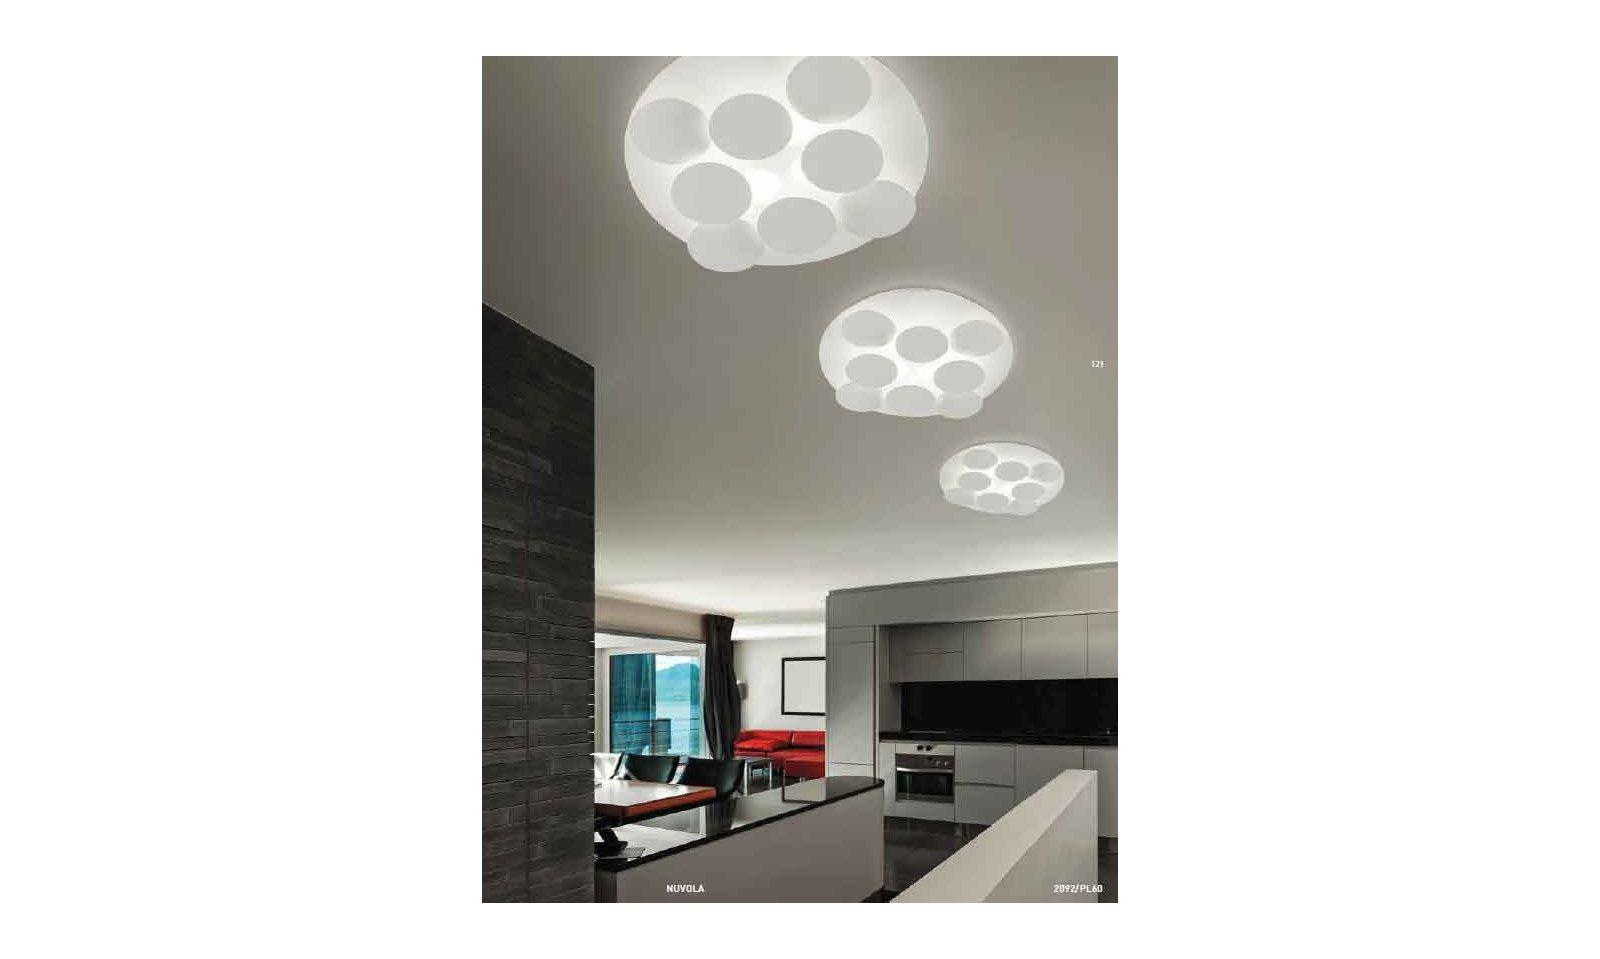 Plafoniere Da Soffitto Per Camerette : Plafoniera nuvola lampada mozia fontanaarte diffusore vetro